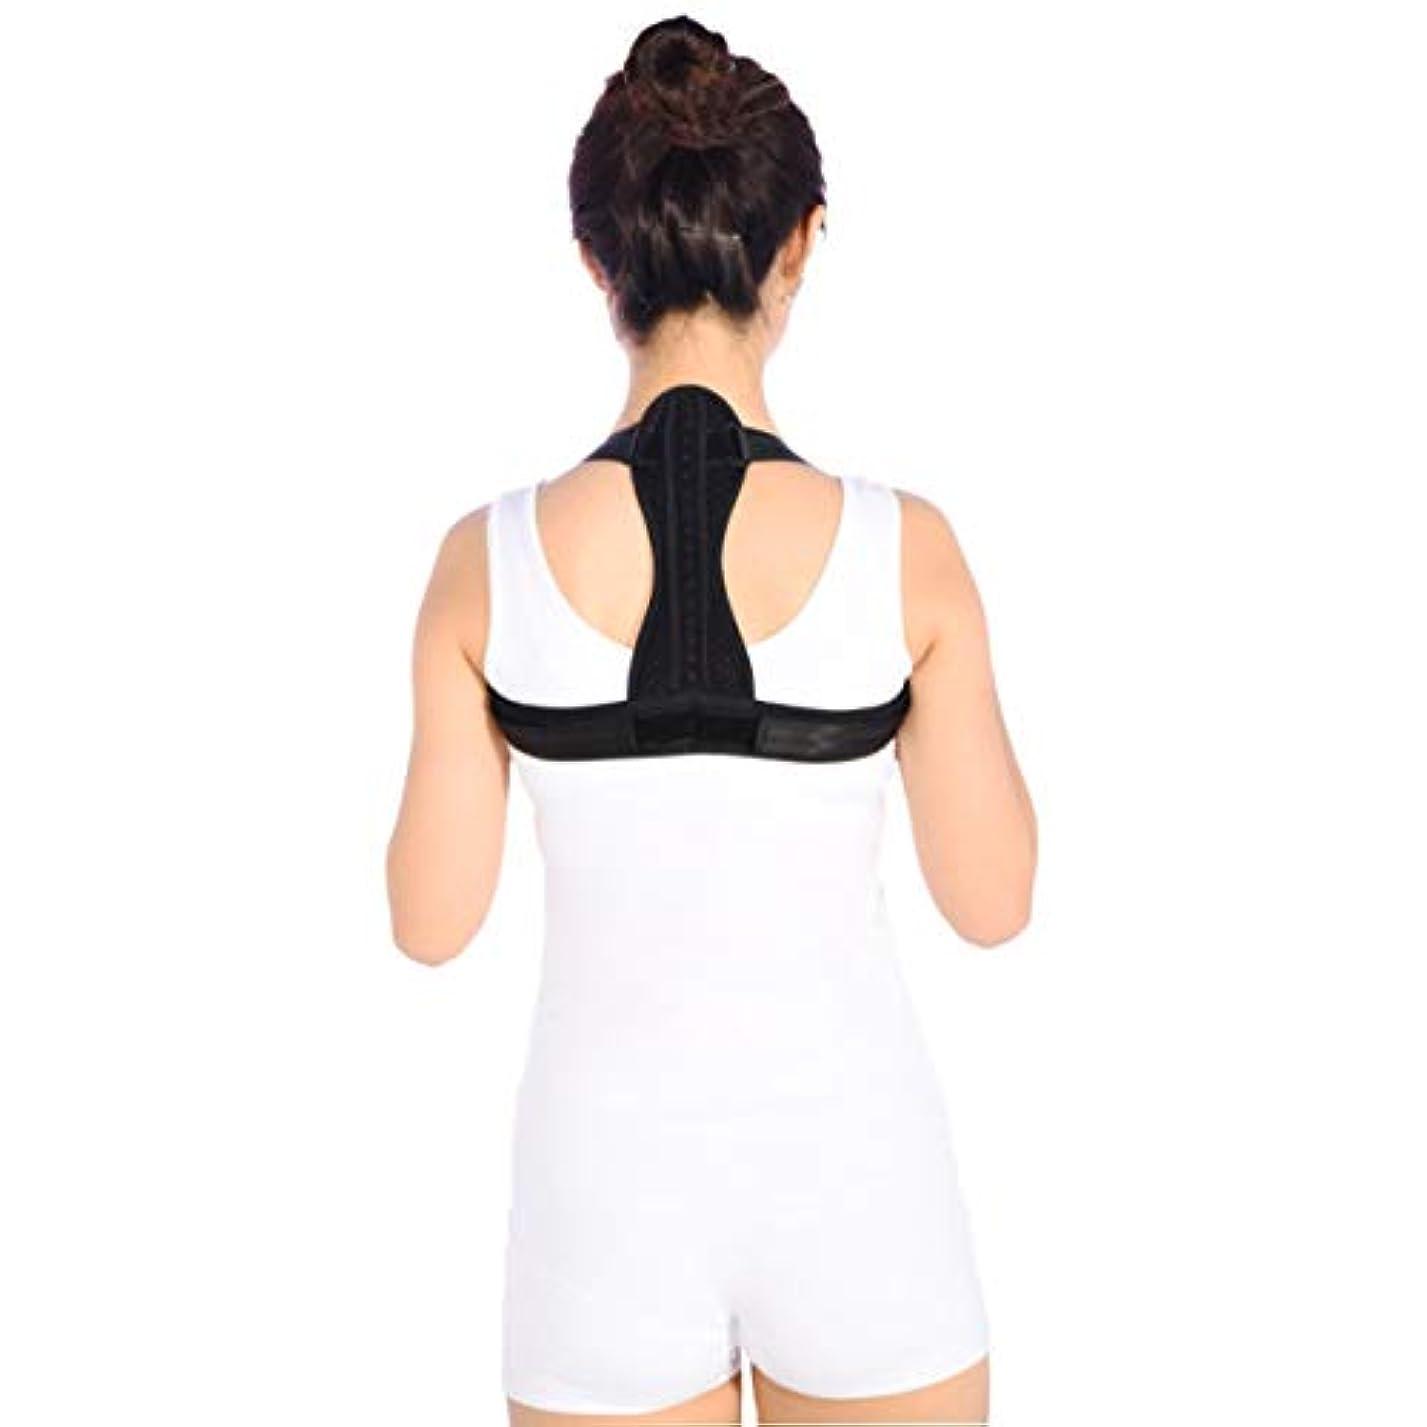 インフレーション支援羊通気性の脊柱側弯症ザトウクジラ補正ベルト調節可能な快適さ目に見えないベルト男性女性大人学生子供 - 黒